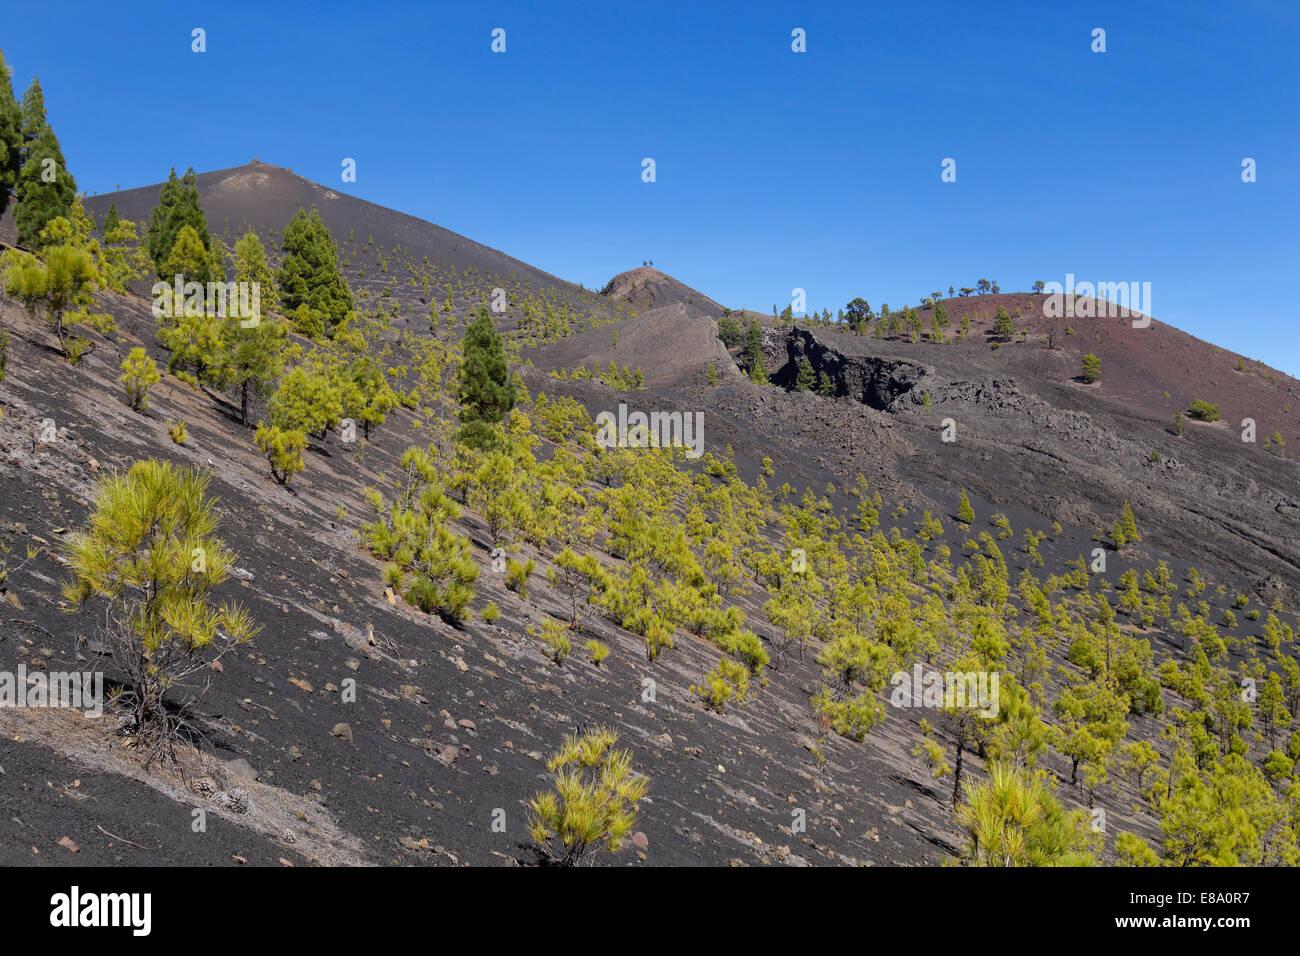 Volcano San Martín, Cumbre Vieja in Fuencaliente, La Palma, Canary Islands, Spain - Stock Image